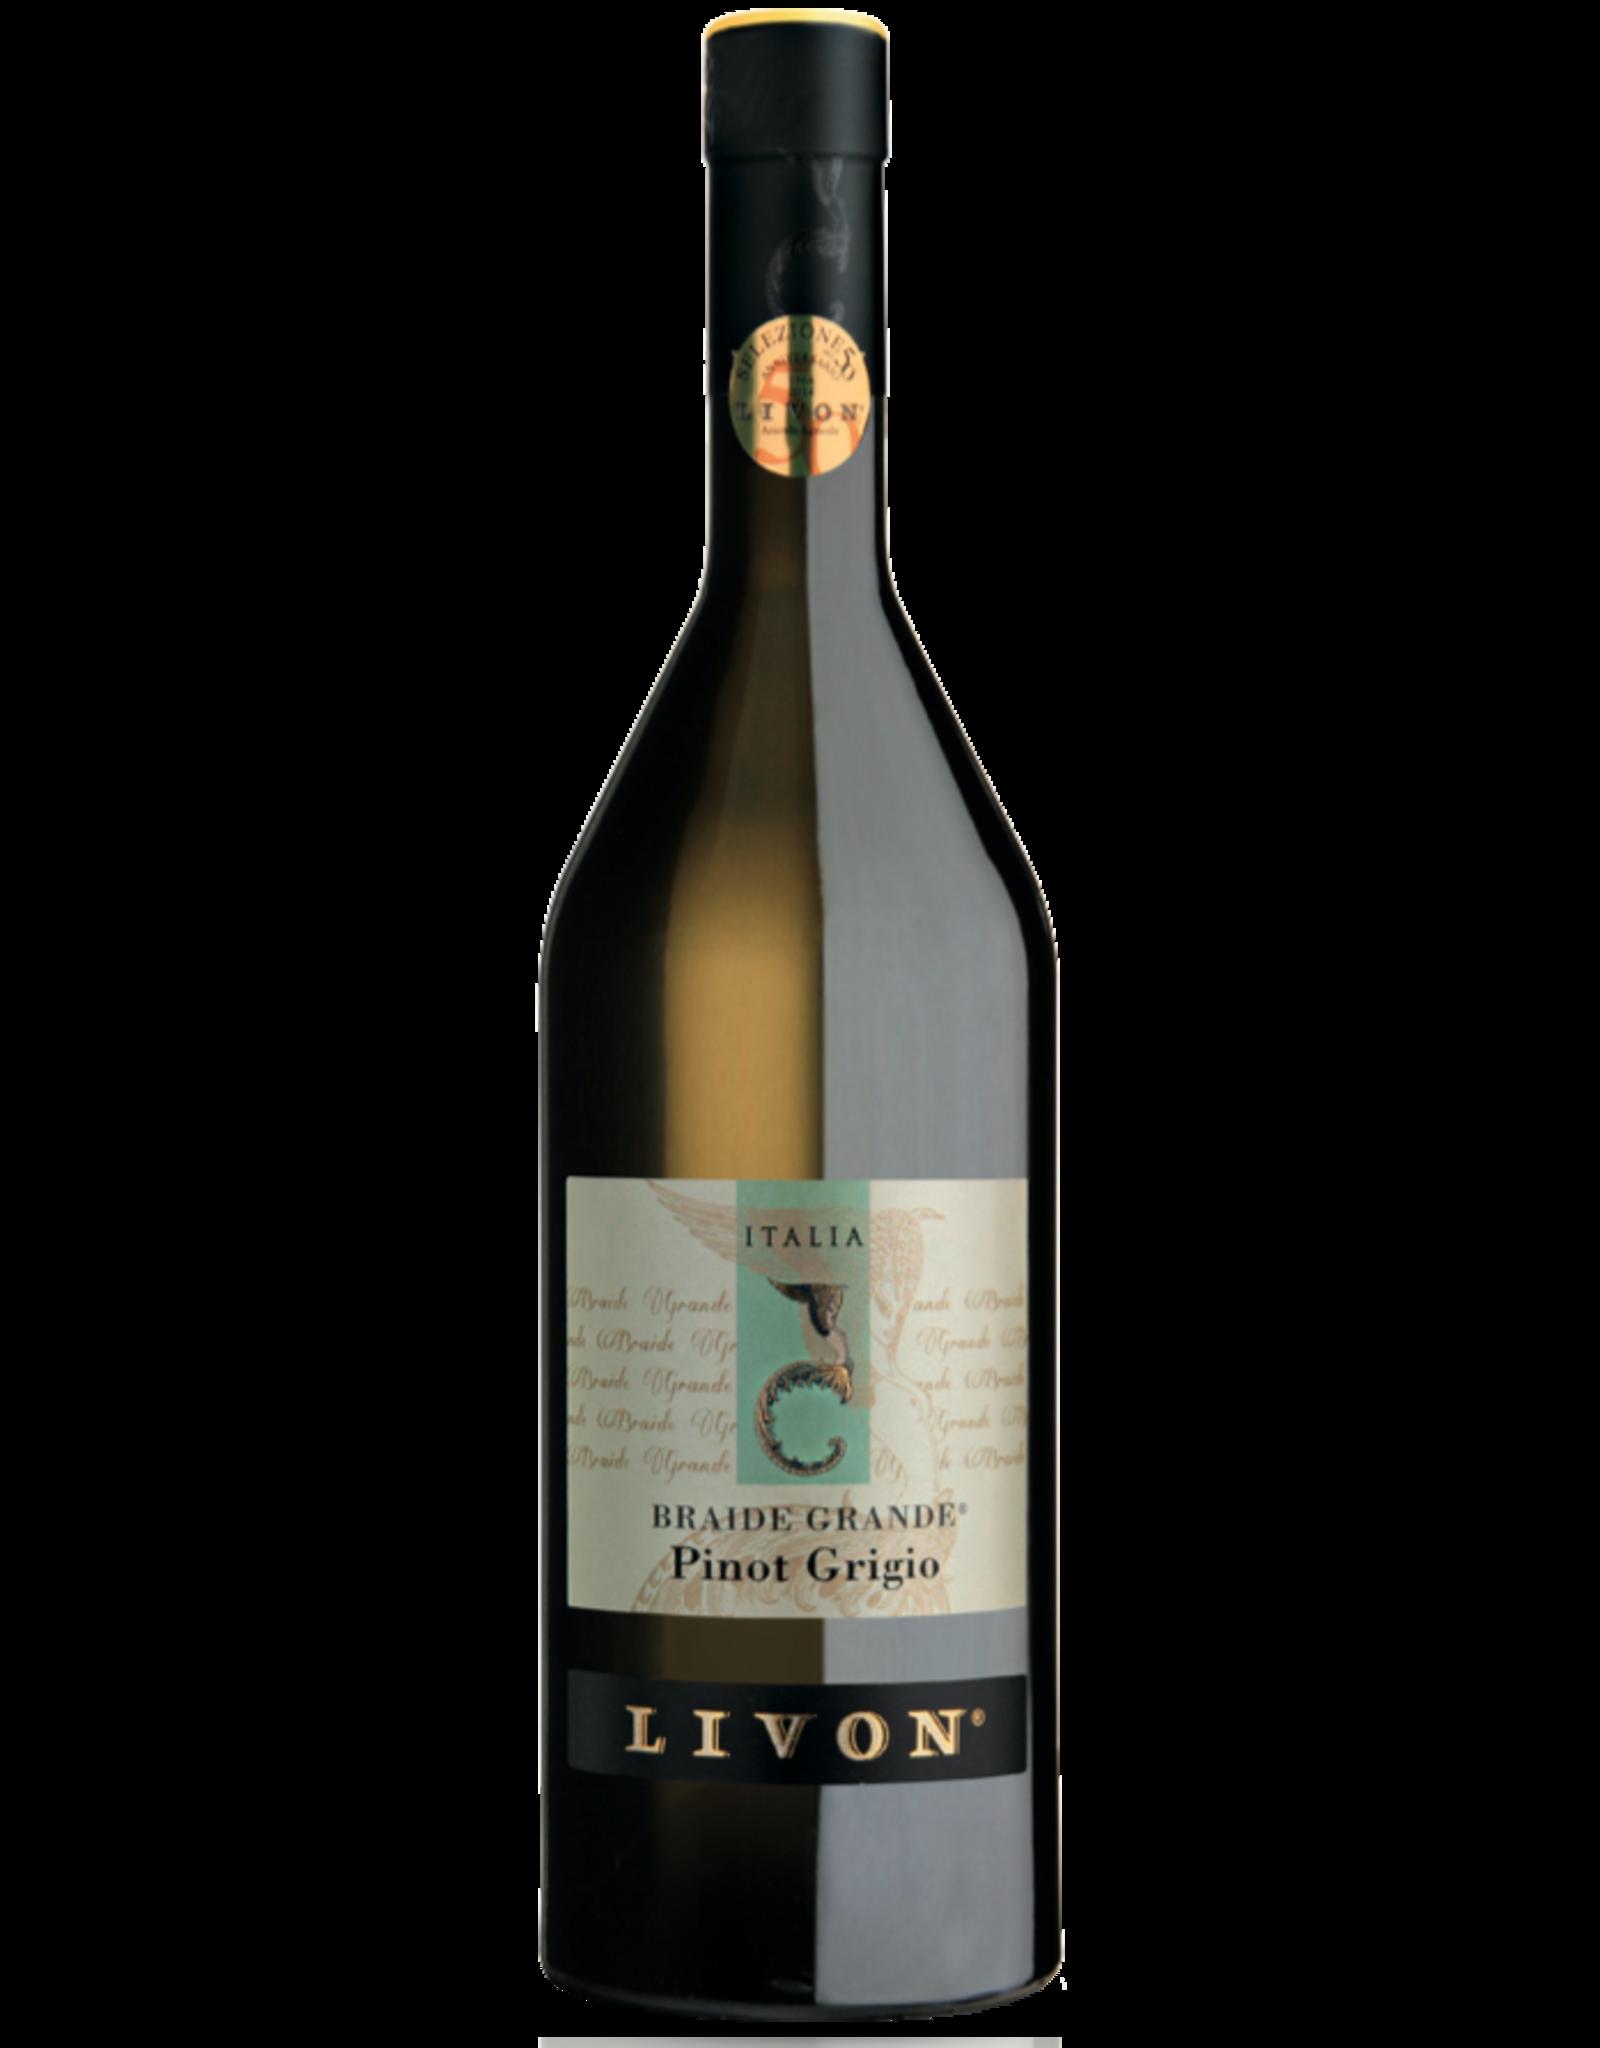 Livon Livon Braide Grande Pinot Grigio 2016